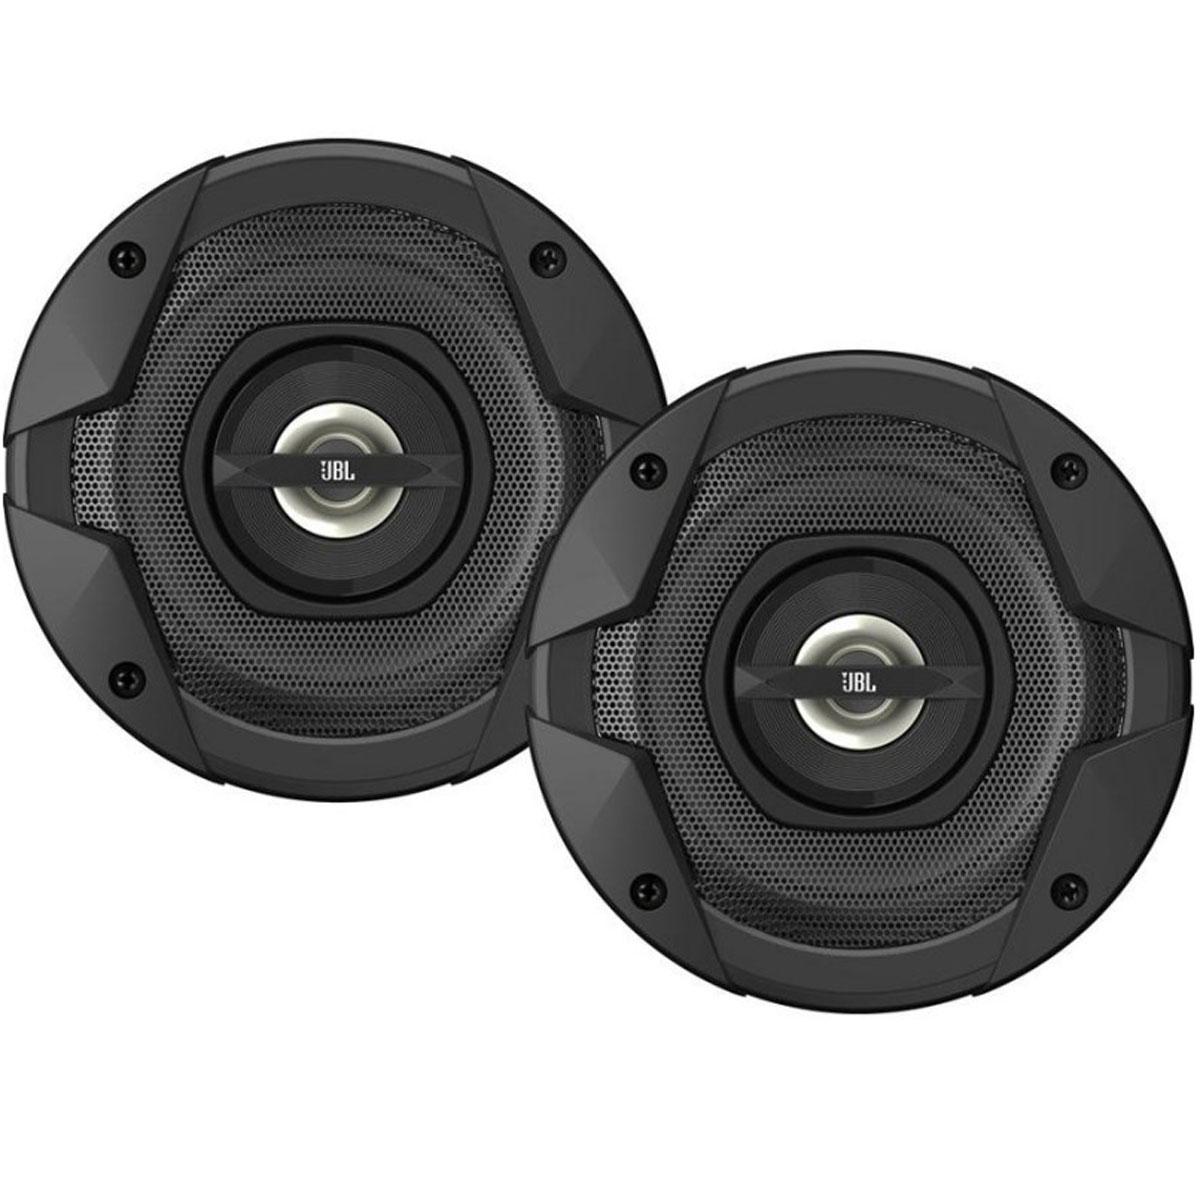 JBL GT7-4 автоакустика коаксиальнаяGT7-4Автомобильные динамики серии JBL GT7 – оптимальный выбор для тех, кто ценит сочетание цены и качества, а также небезразличен к стилю автомобильной акустики. Серия колонок JBL GT7 с легкостью интегрируется на место штатных колонок и проста в установке. Кроме того, каждый комплект динамиков включает оборудование для установки, что делает их монтаж еще более простым.Технология Plus One позволяет увеличить полезную площадь диффузоров на 30%, что благотворно сказывается на СЧ-диапазоне и расширяет басы. Вкупе с расширенным диапазоном частот и индивидуальной настройкой, владелец динамиков JBL GT7 получает акустическое оформление превосходного качества по невысокой цене, имея возможность подстроить звучание, опираясь на собственные предпочтения. А стильный внешний вид колонок излишний раз подчеркнет хороший вкус владельца автомобиля.